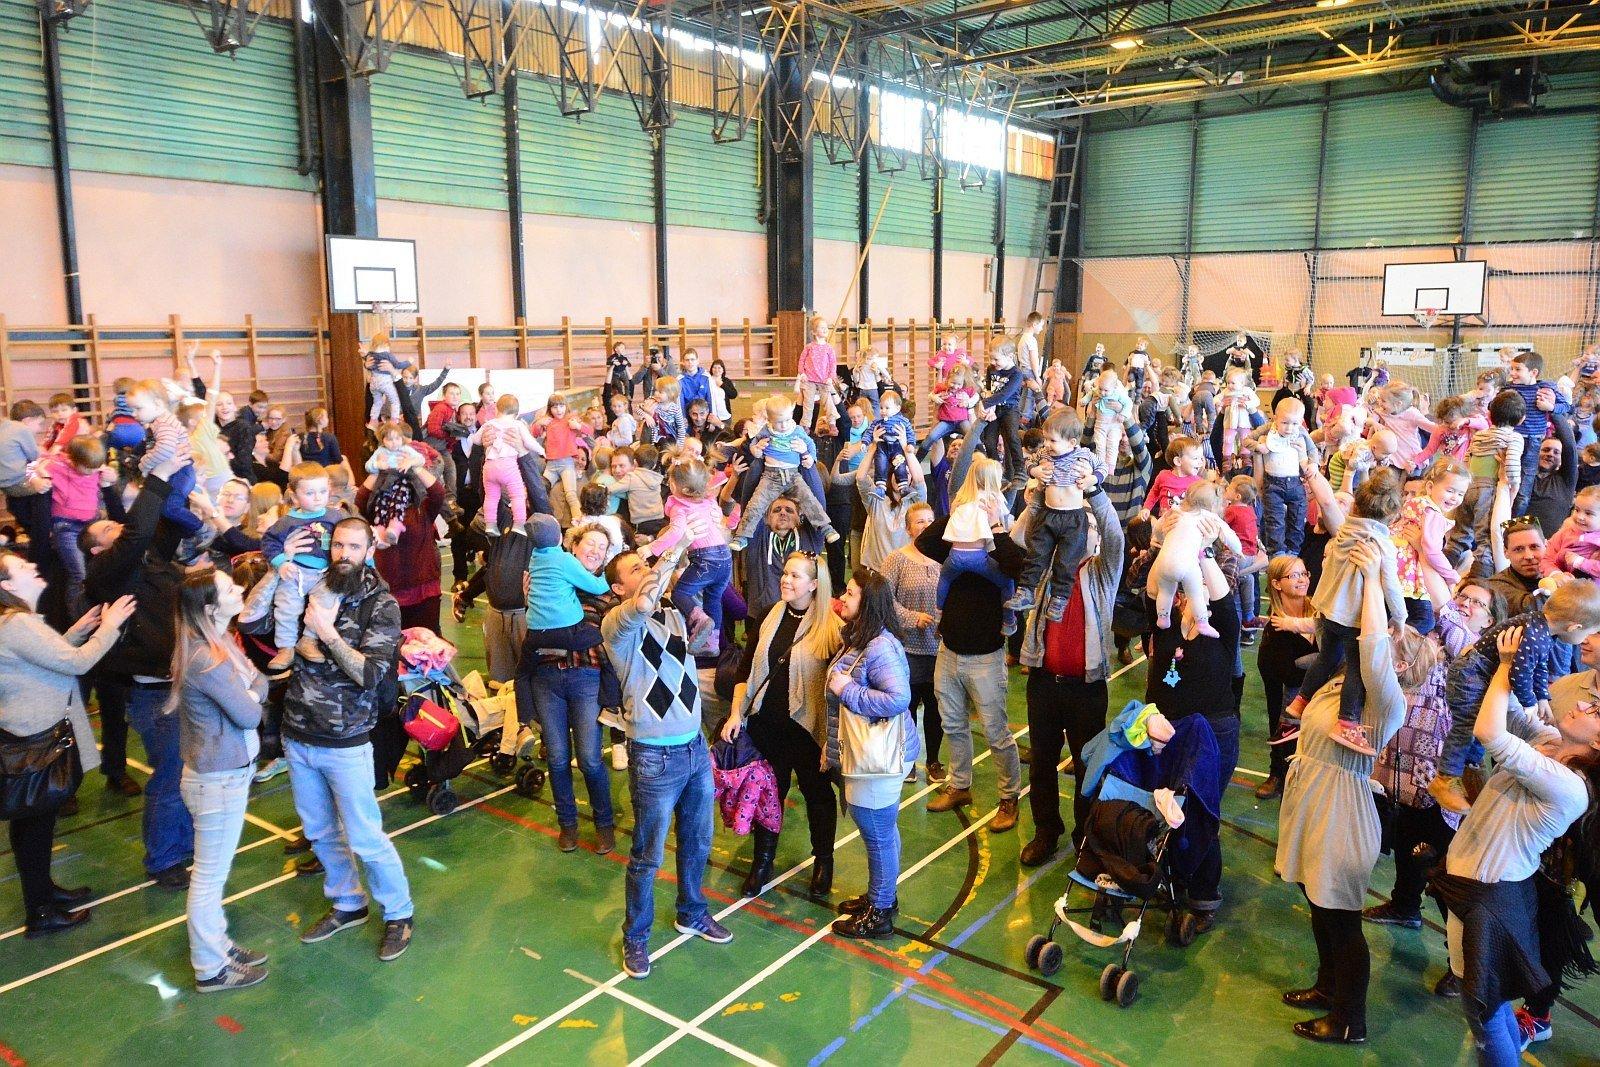 Gyerekemelés a gyermekvállalásért - Fehérvár is csatlakozott a világrekord kísérlethez